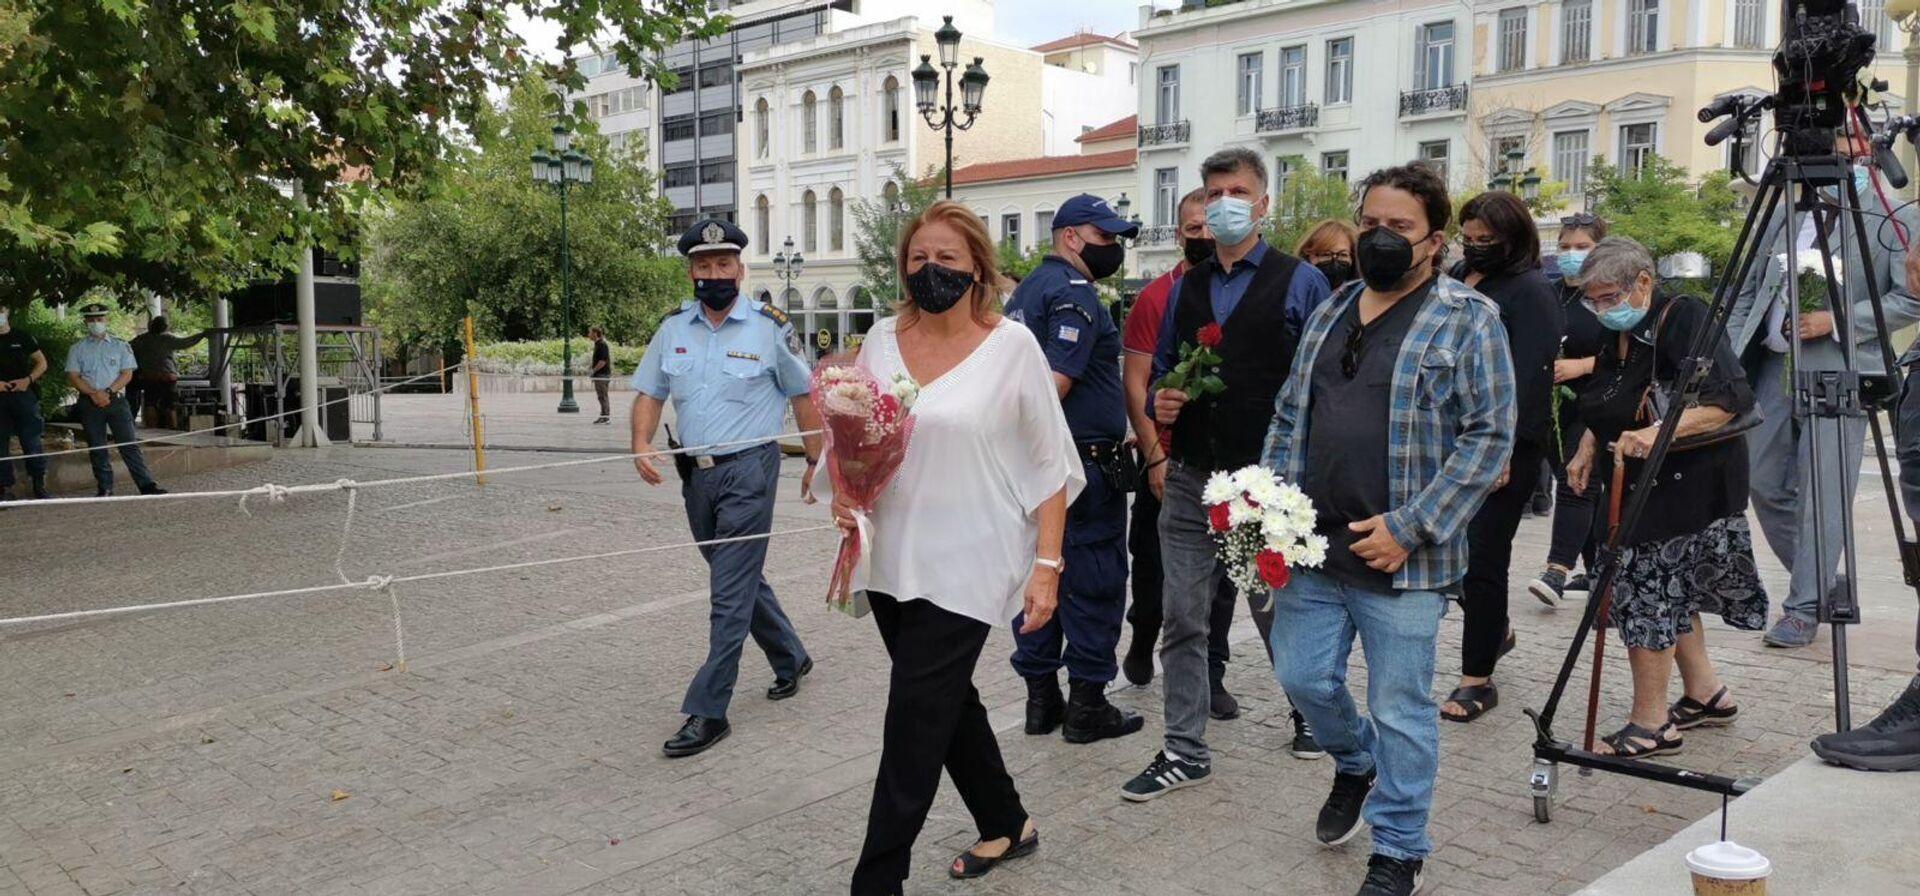 Για τρίτη ημέρα σε λαϊκό προσκύνημα η σορός του Μίκη Θεοδωράκη - Sputnik Ελλάδα, 1920, 08.09.2021